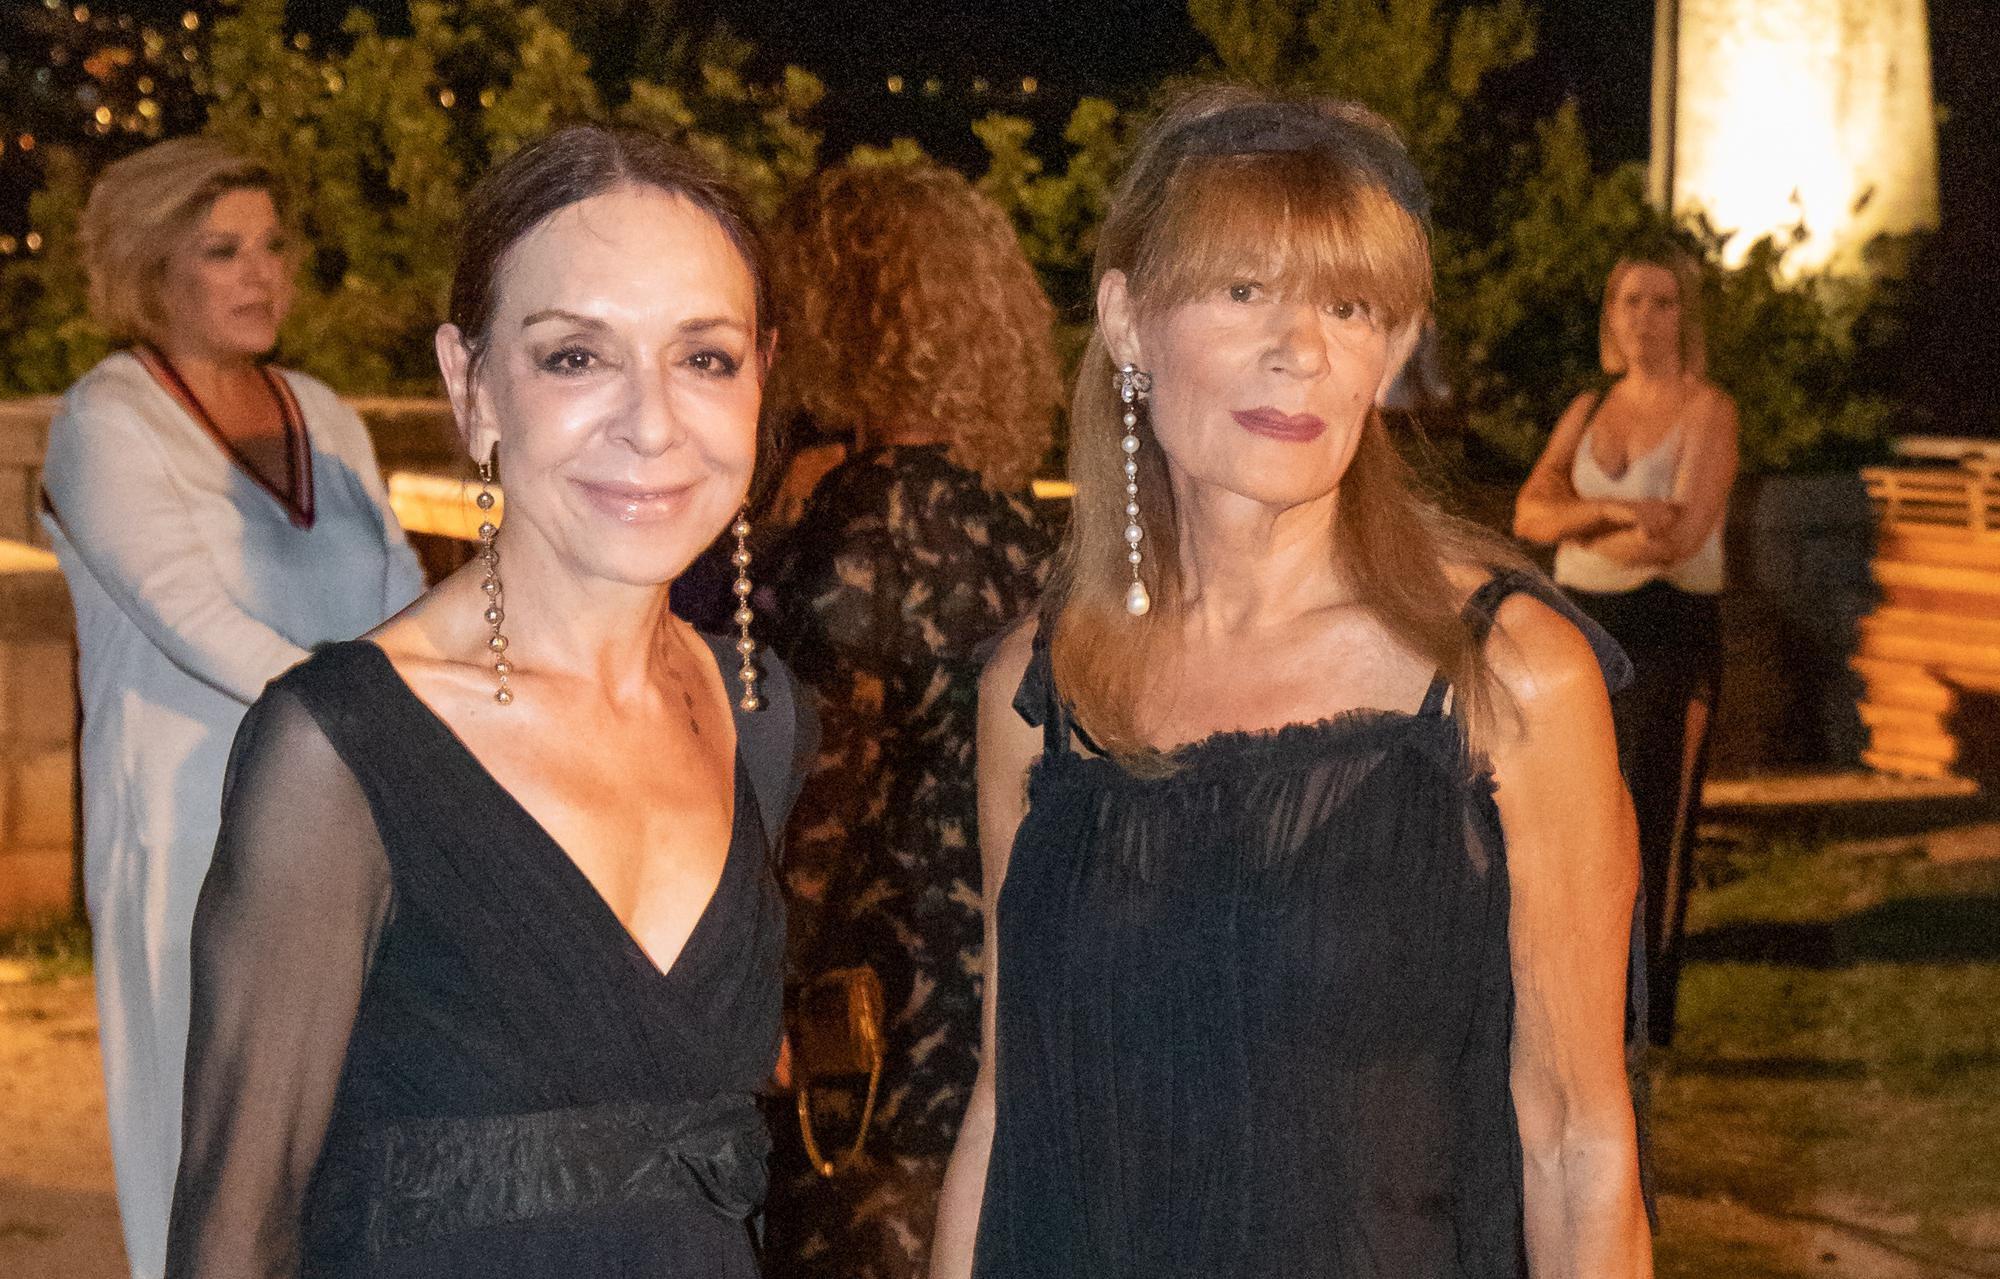 Đurđa Tedeschi pokazala zašto je prava modna ikona: Crnu haljinu nadopunila trendi i zanimljivim modnim dodacima